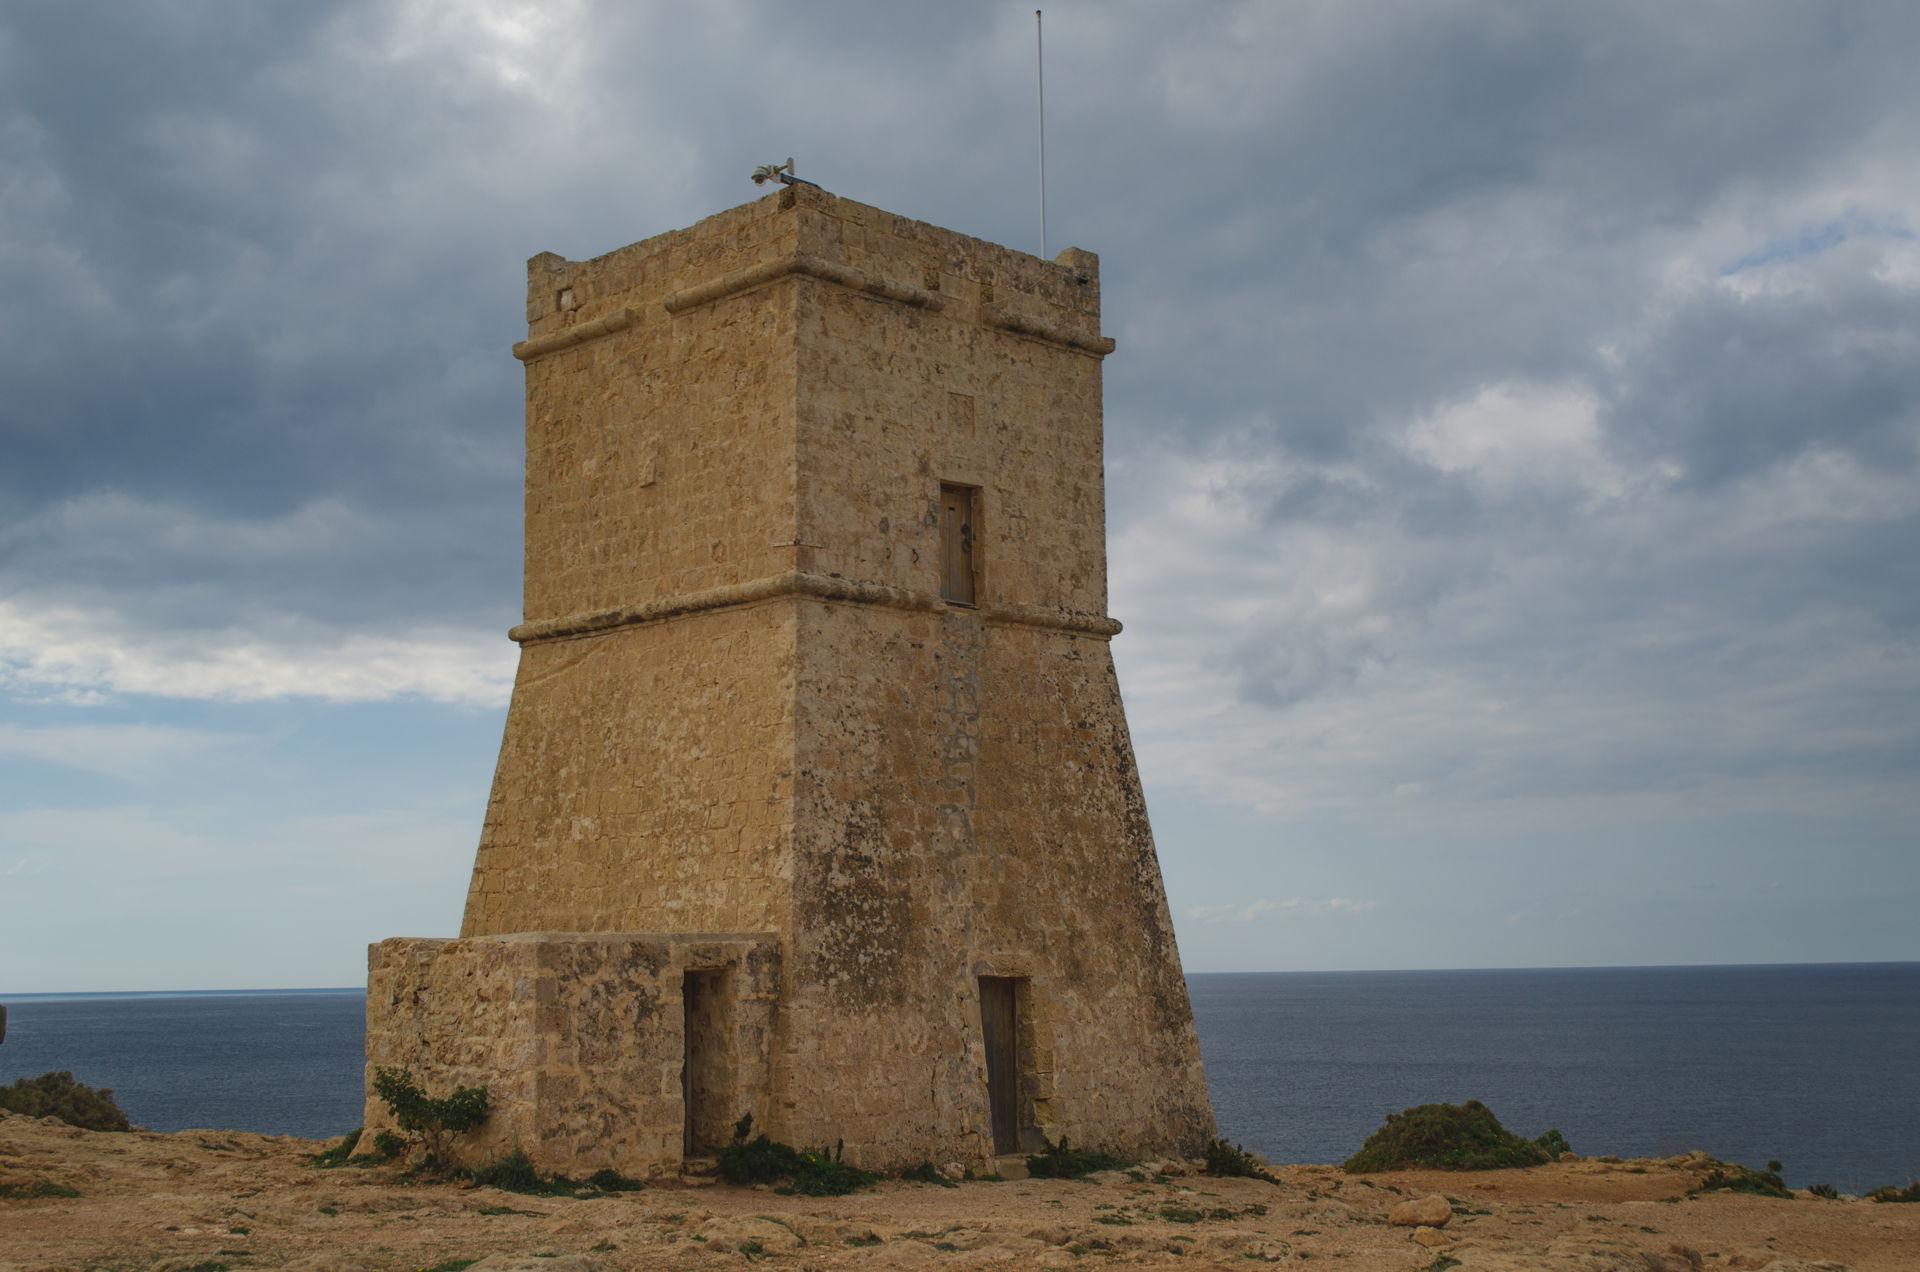 Għajn Tuffieħa, Għajn Tuffieħa tower, tower at Għajn Tuffieħa, golden bay tower, golden bay Għajn Tuffieħa